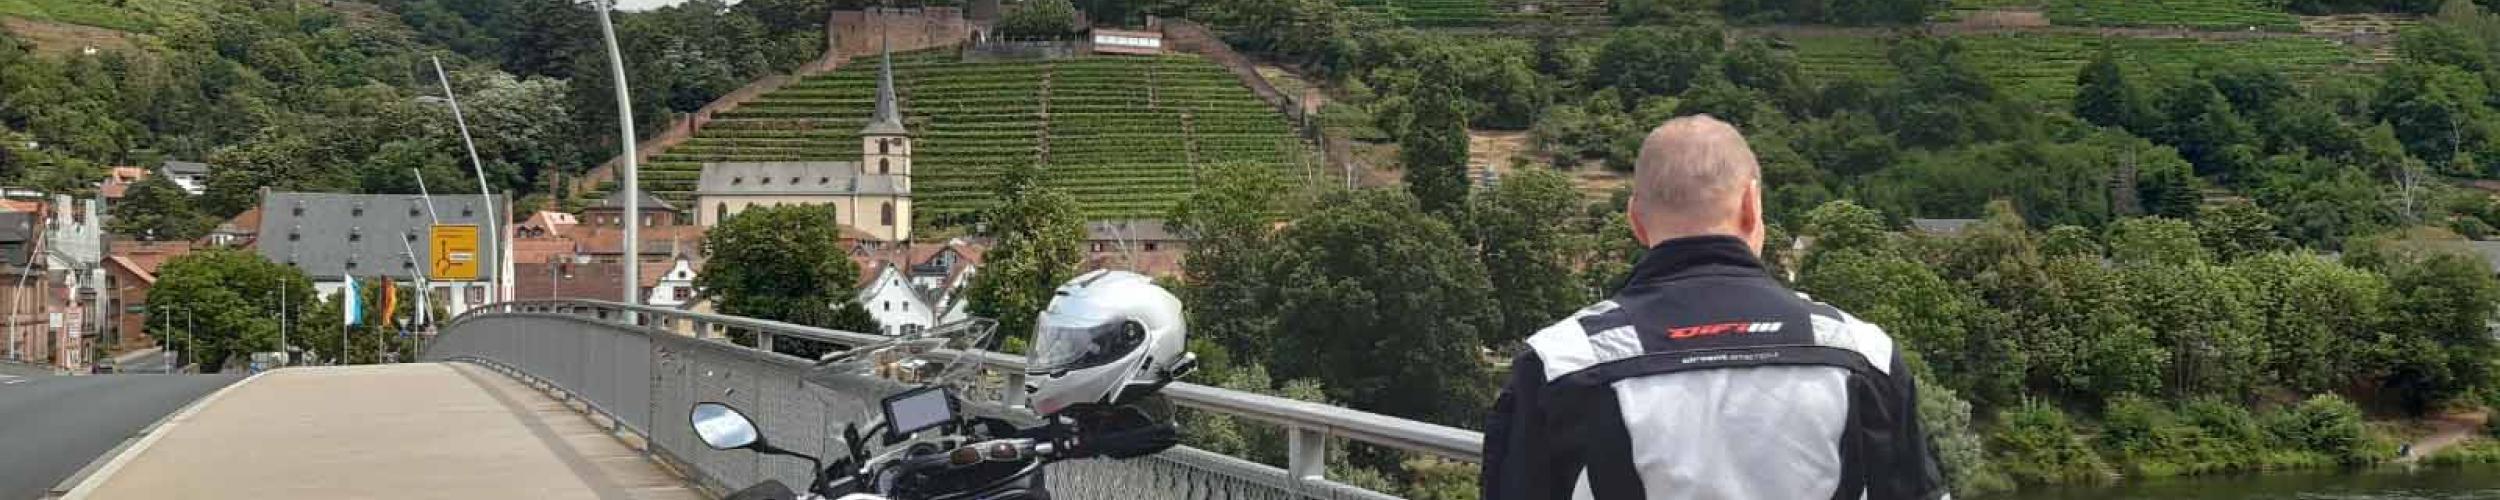 Bochtenparadijs Odenwald   Motorreizen Duitsland